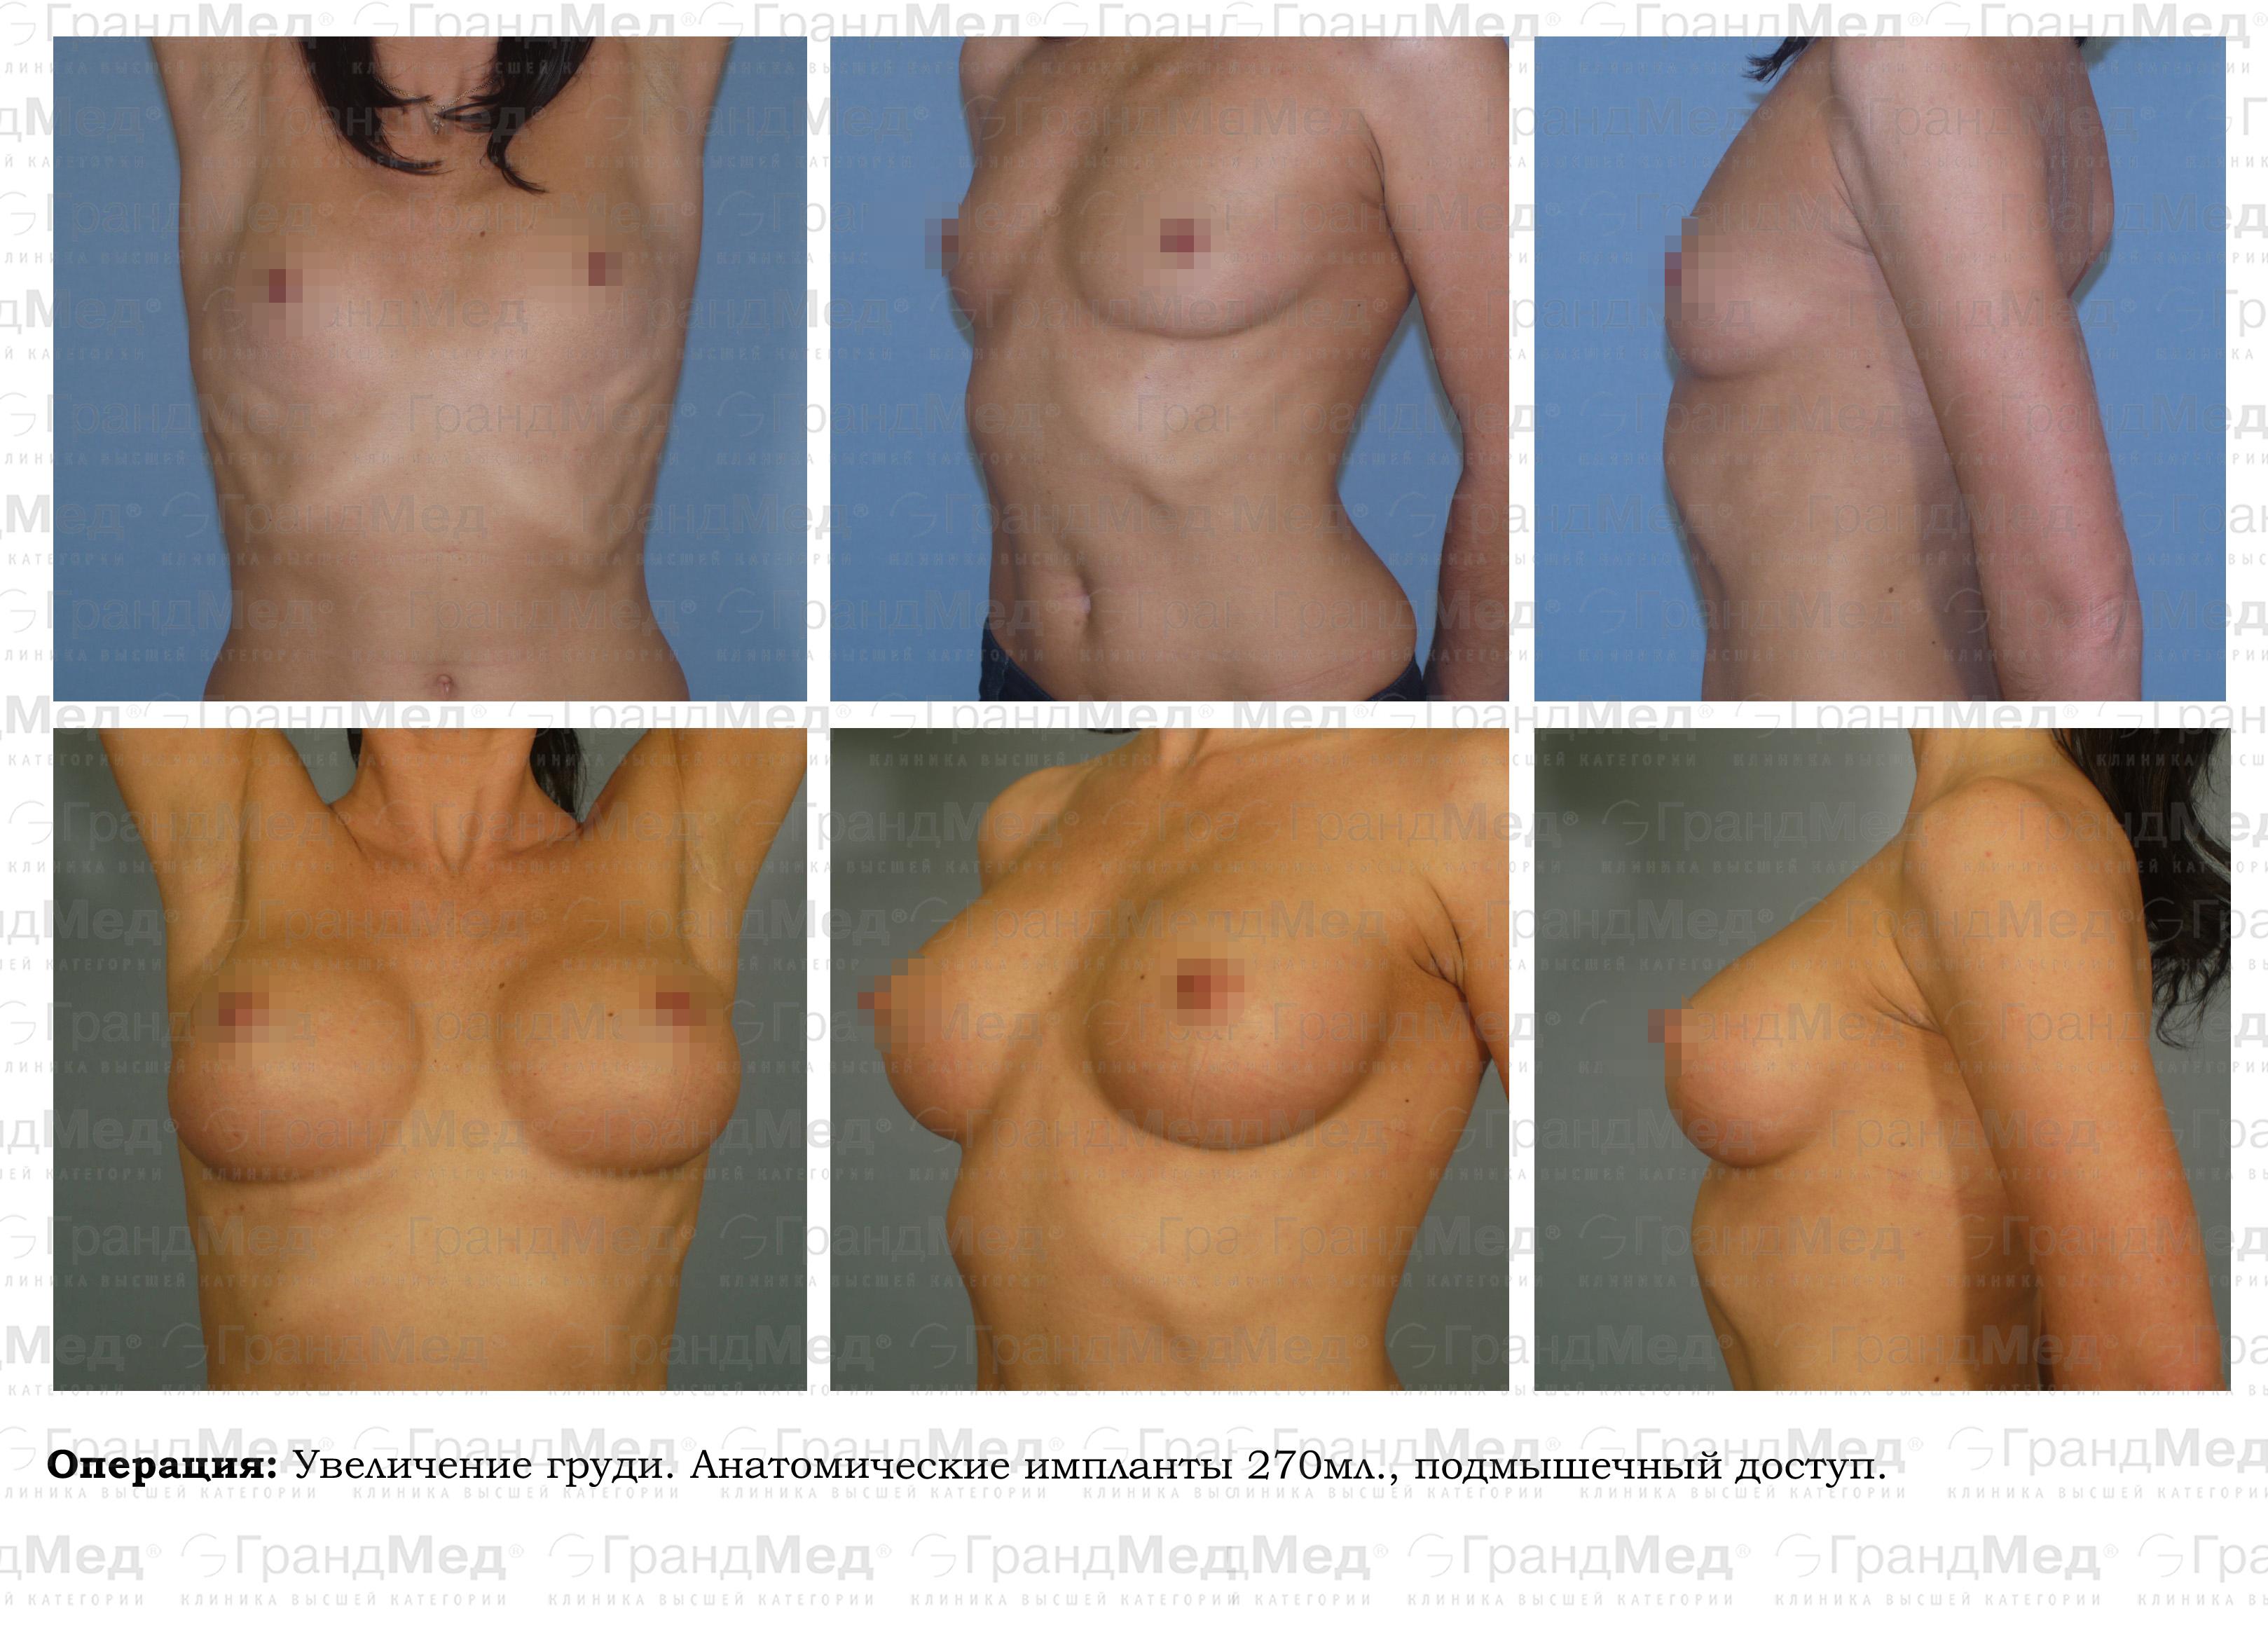 Увеличение груди петербург 19 фотография